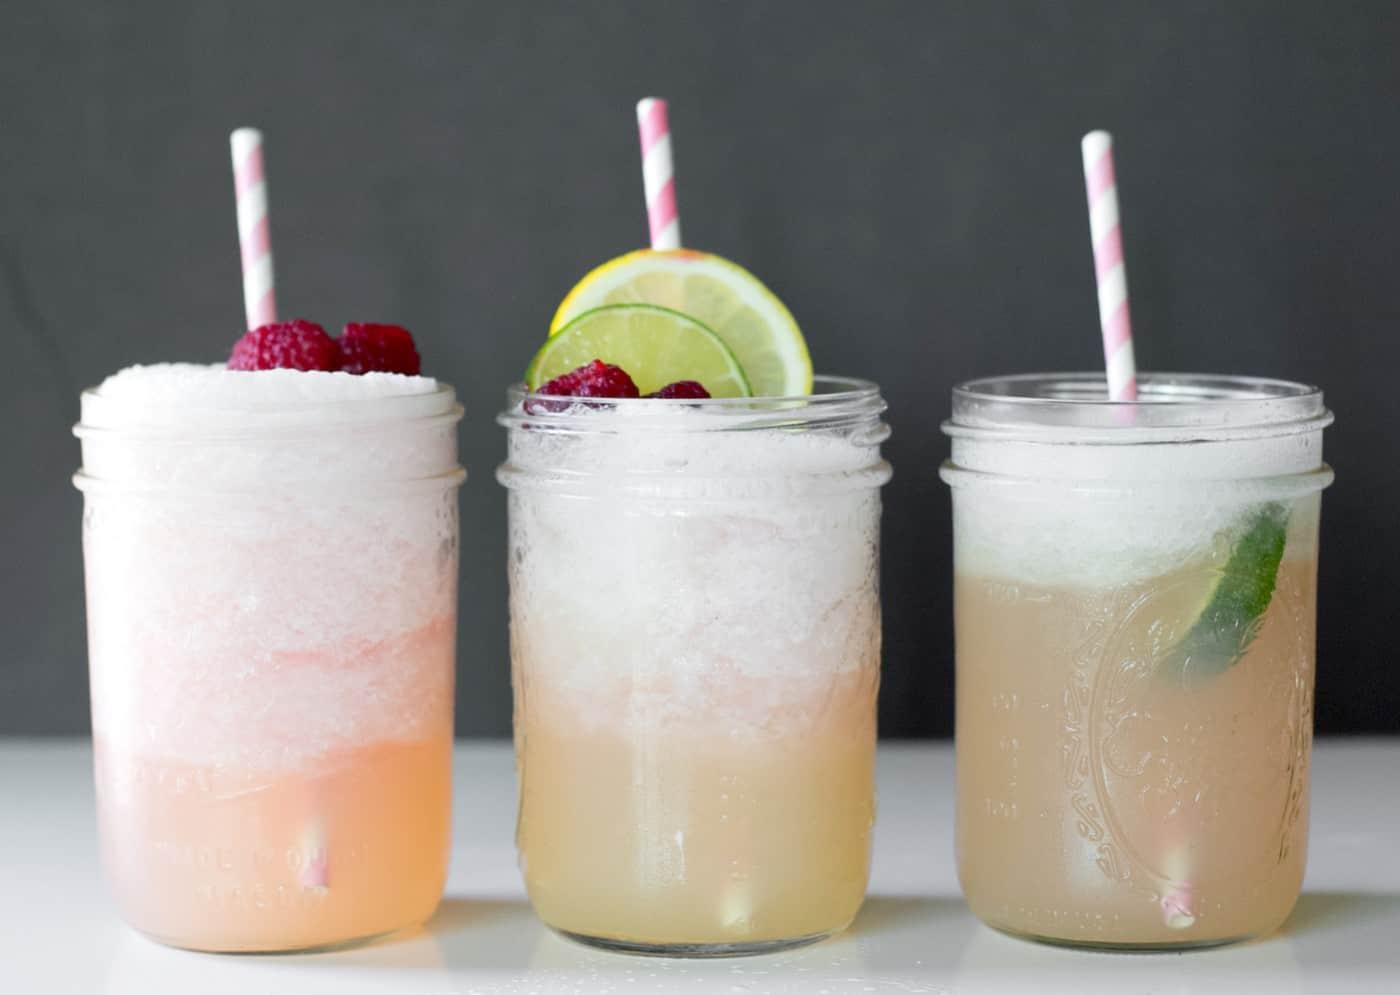 Raspberry lemonade homemade margaritas